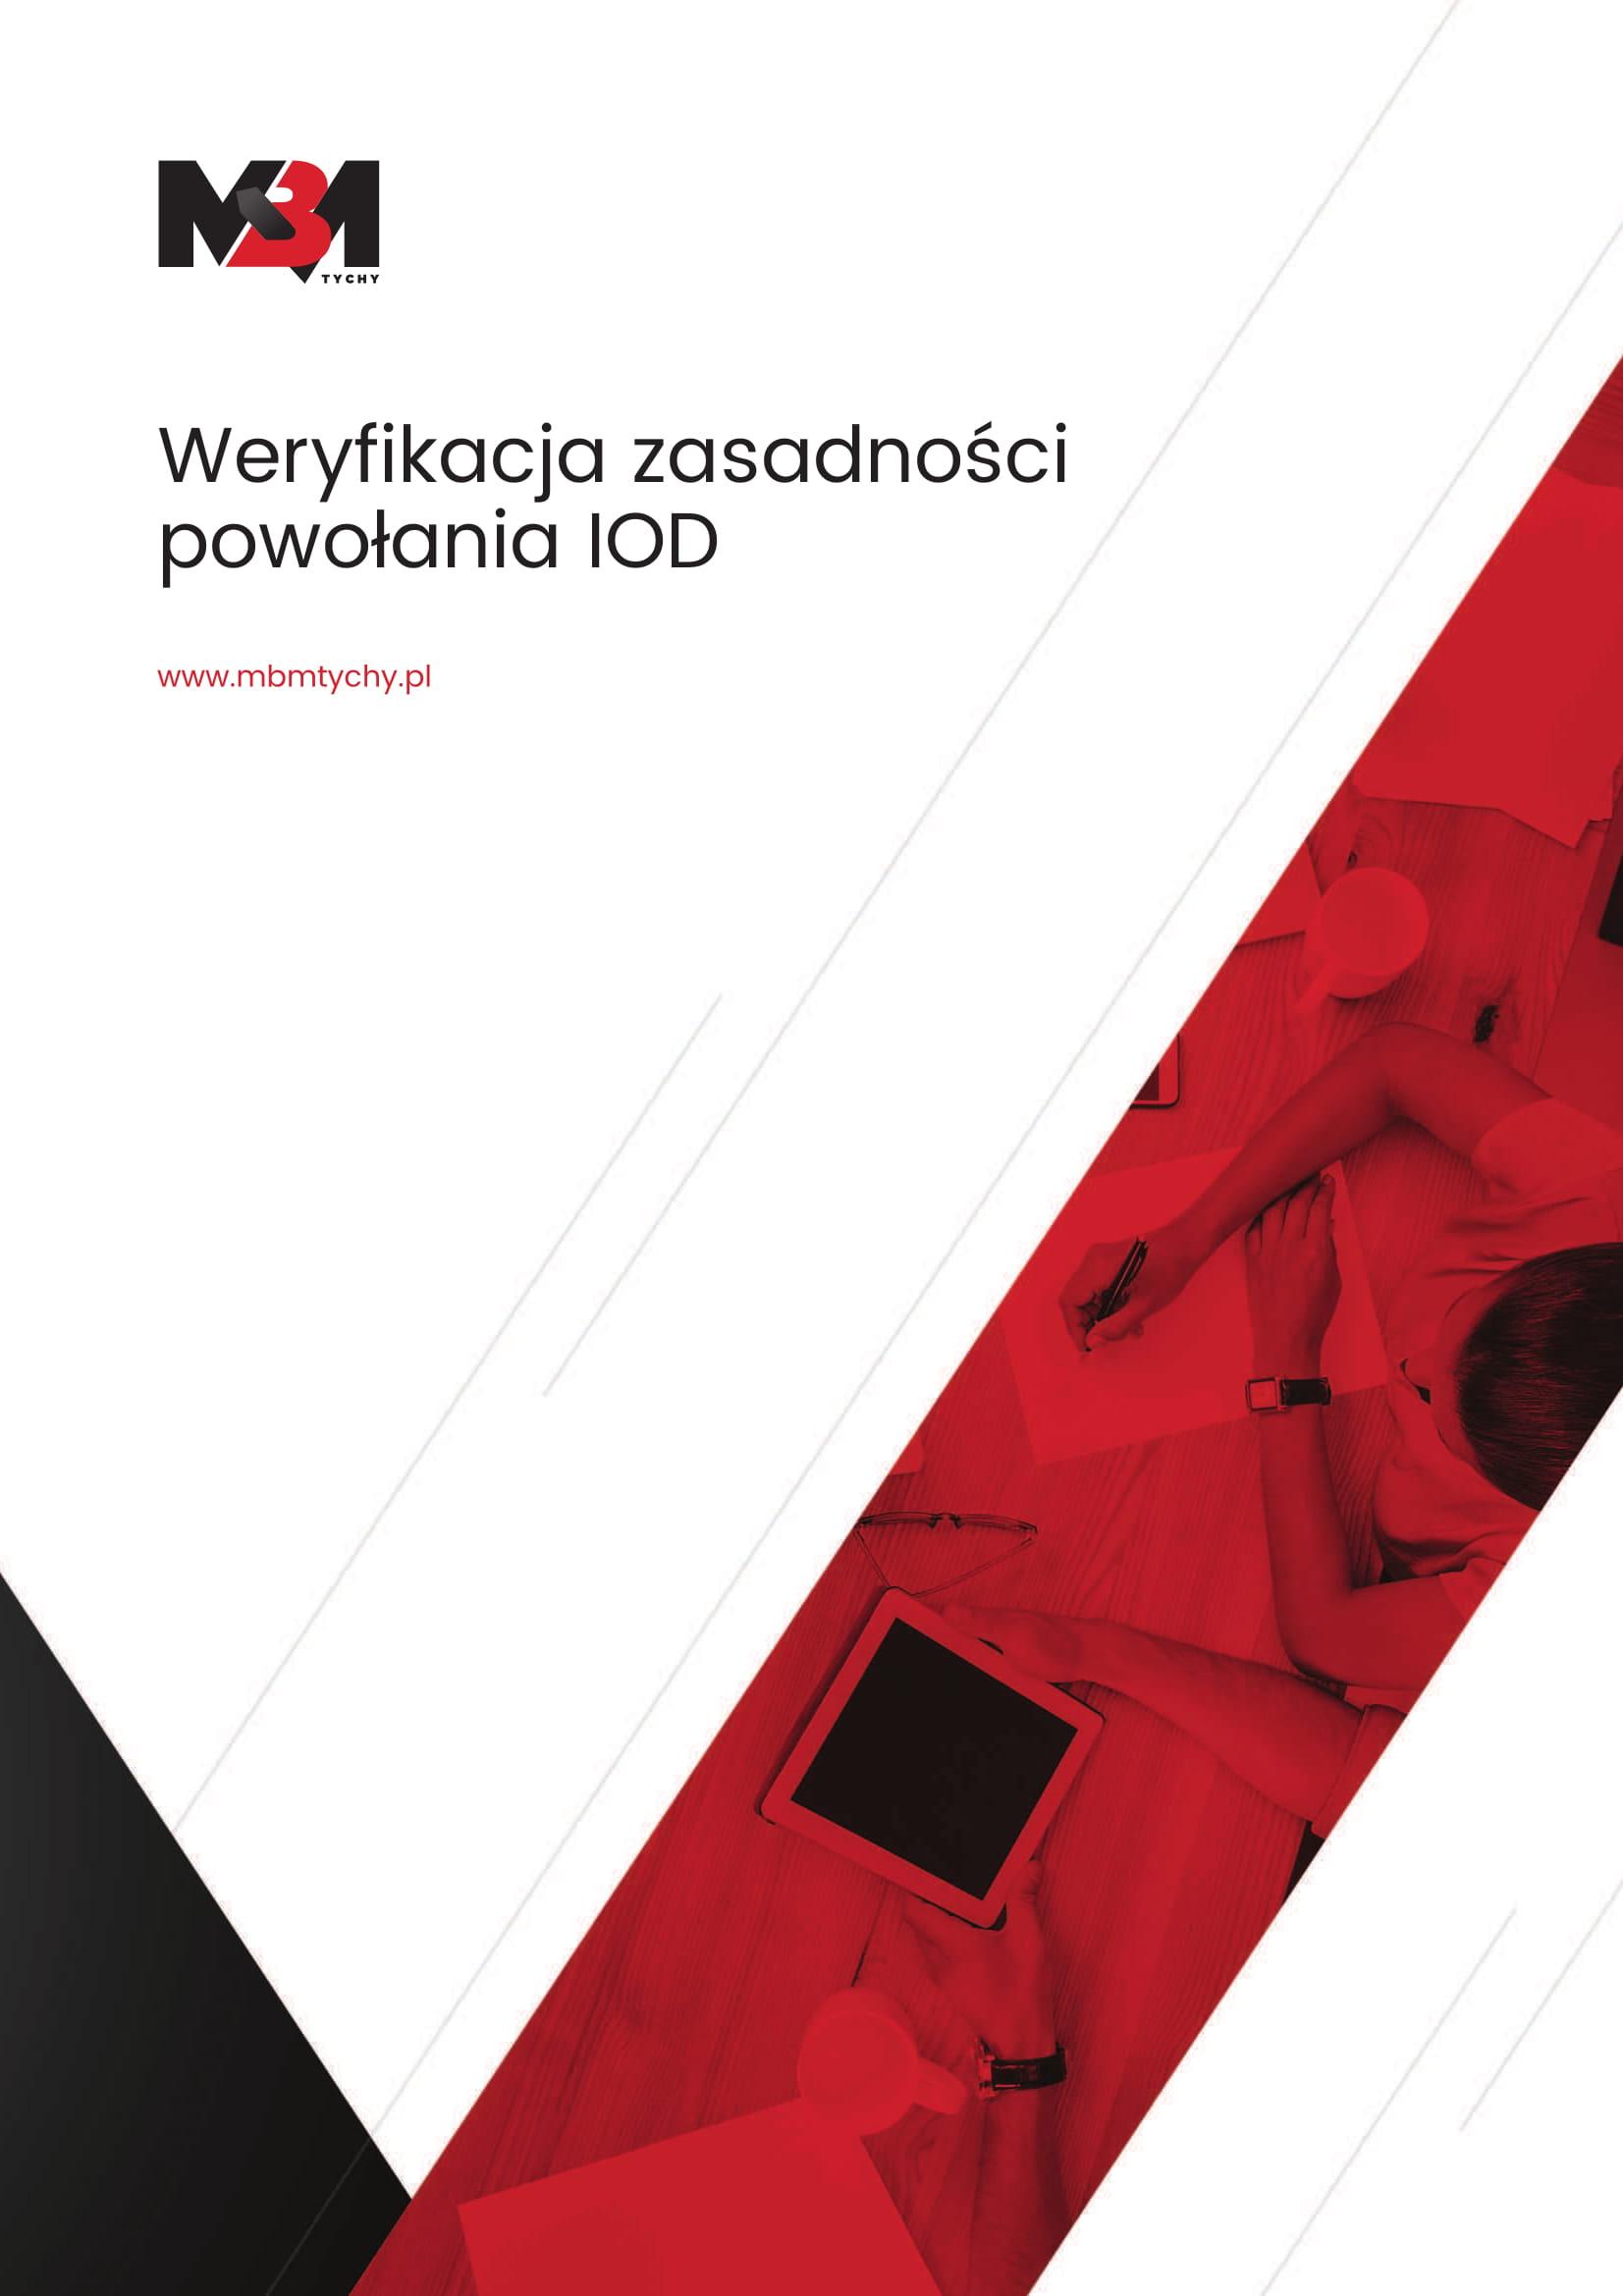 MBMTychy_broszura_Weryfikacja Zasadności Powołania IOD.jpg